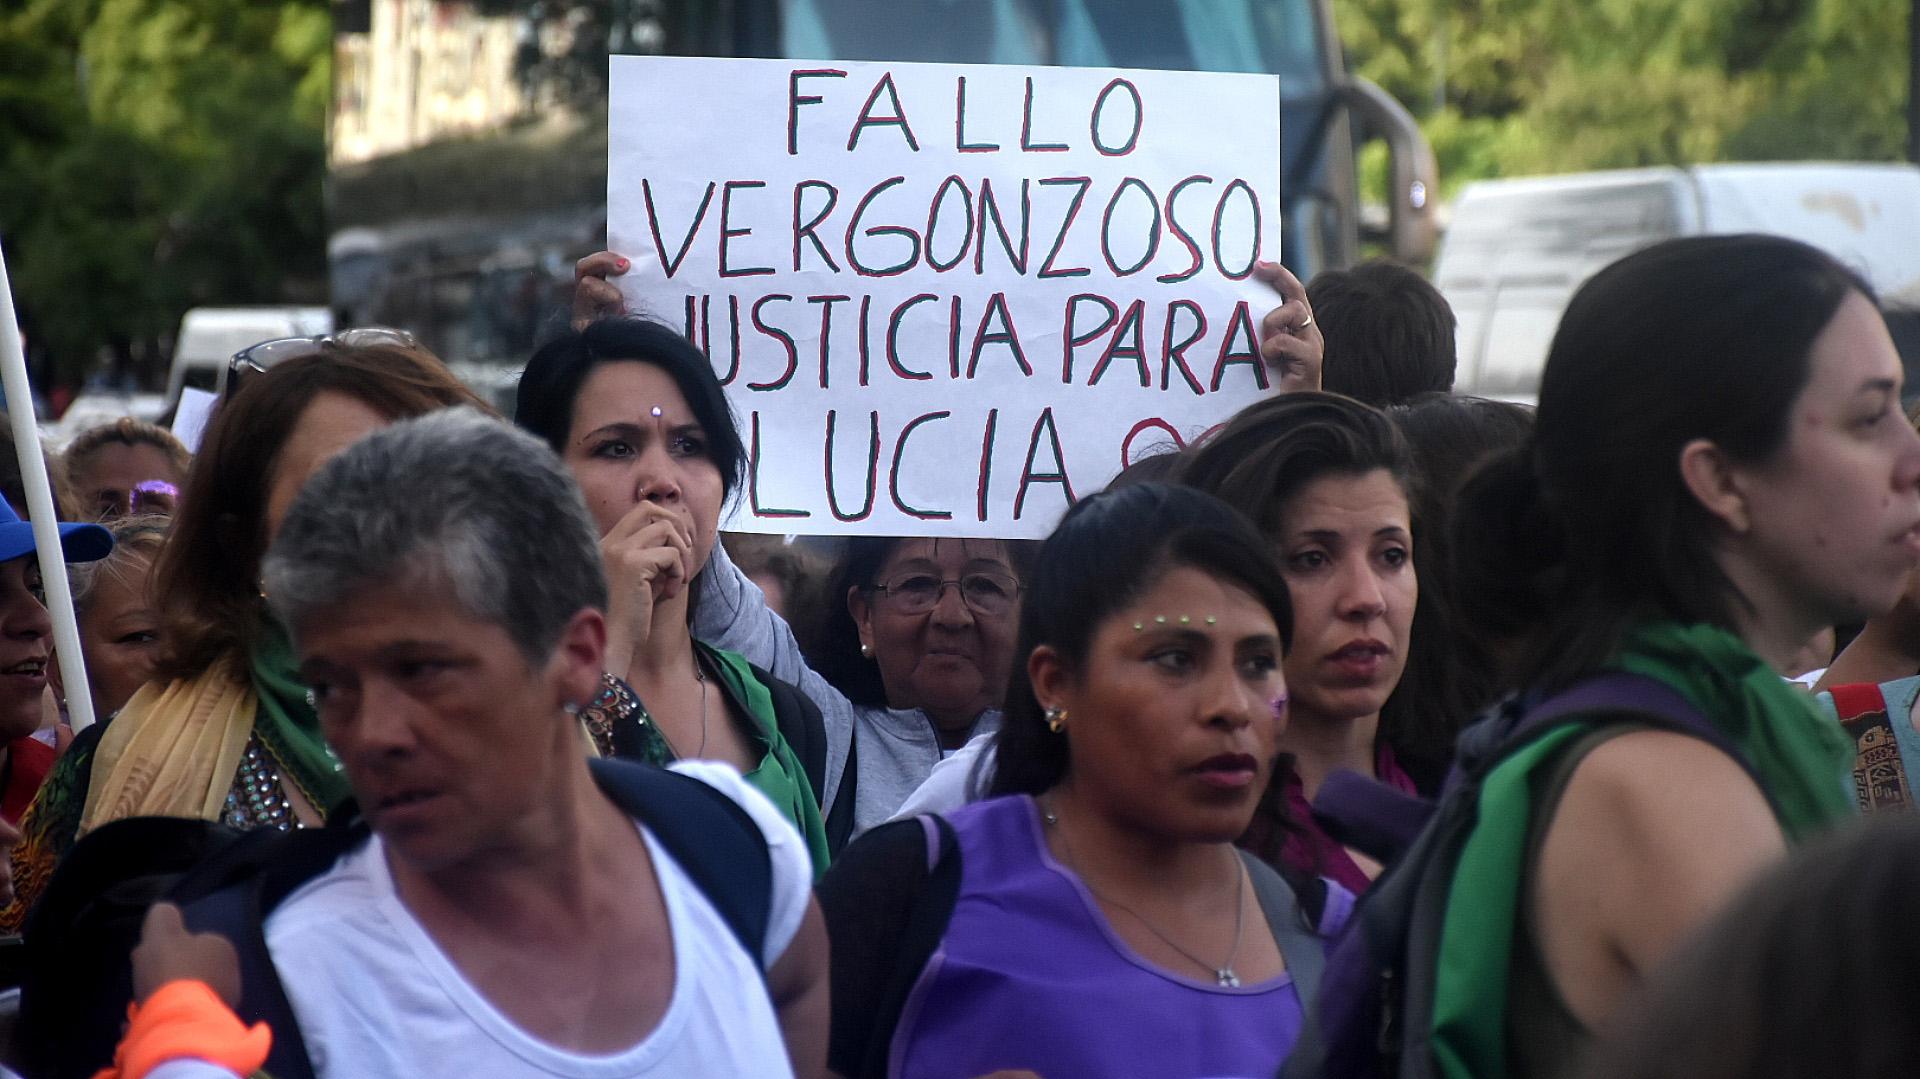 Desde las 17, un grupo de manifestantes se reunió en los Tribunales porteños para pedir justicia por Lucía Pérez